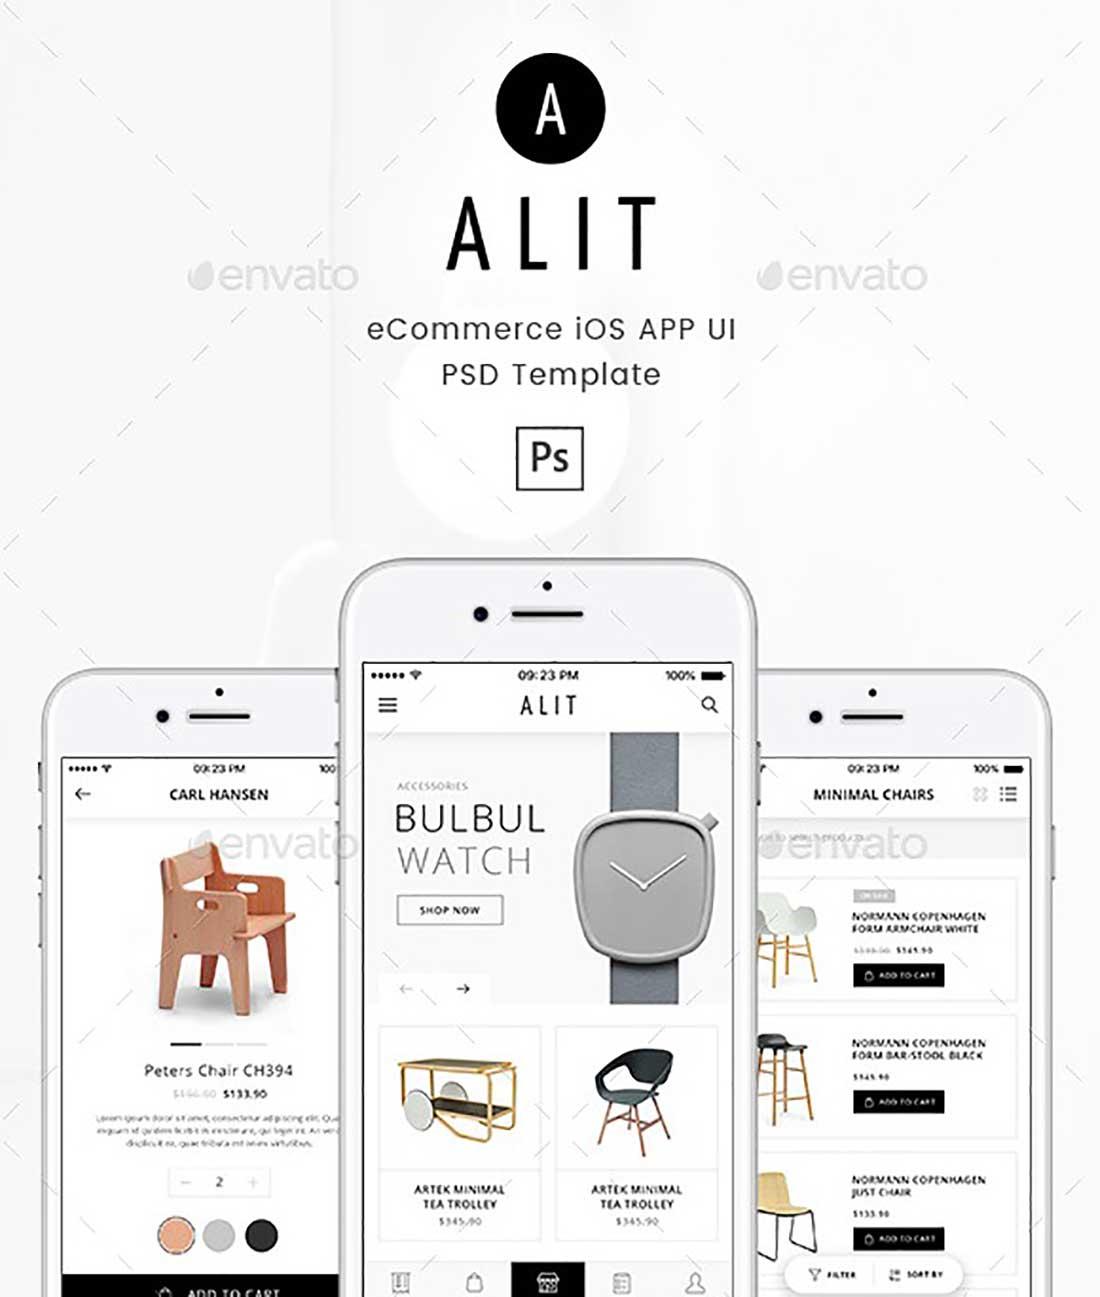 13 Alit - Minimalist eCommerce PSD UI for iOS App